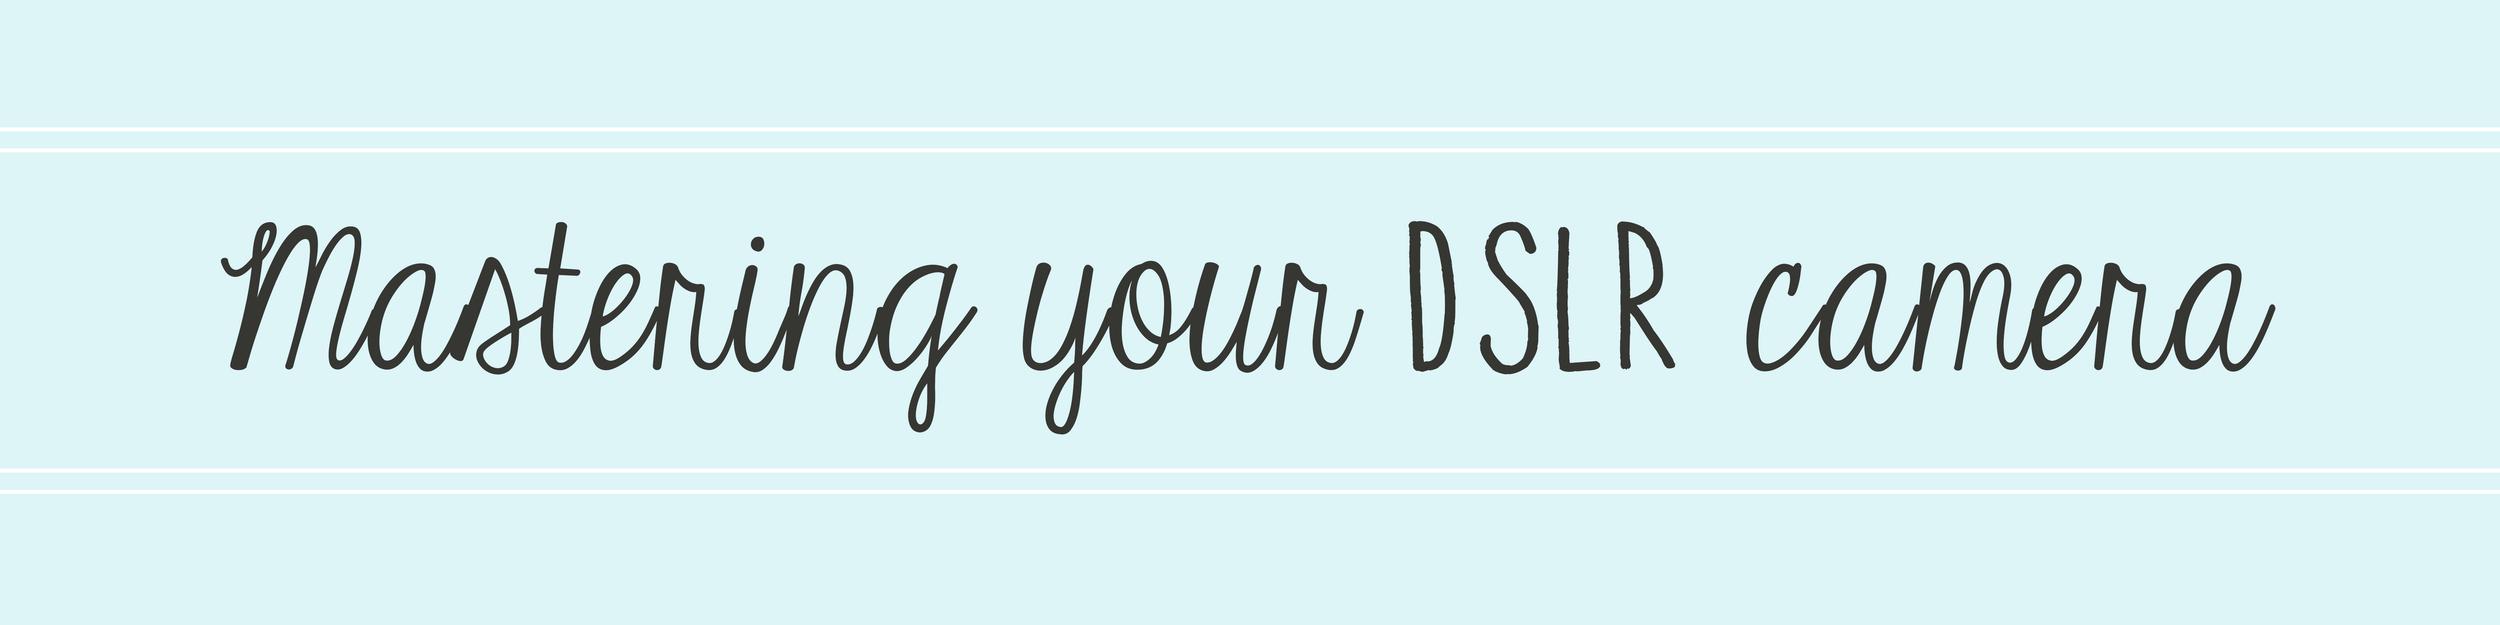 mastering dslr divider image